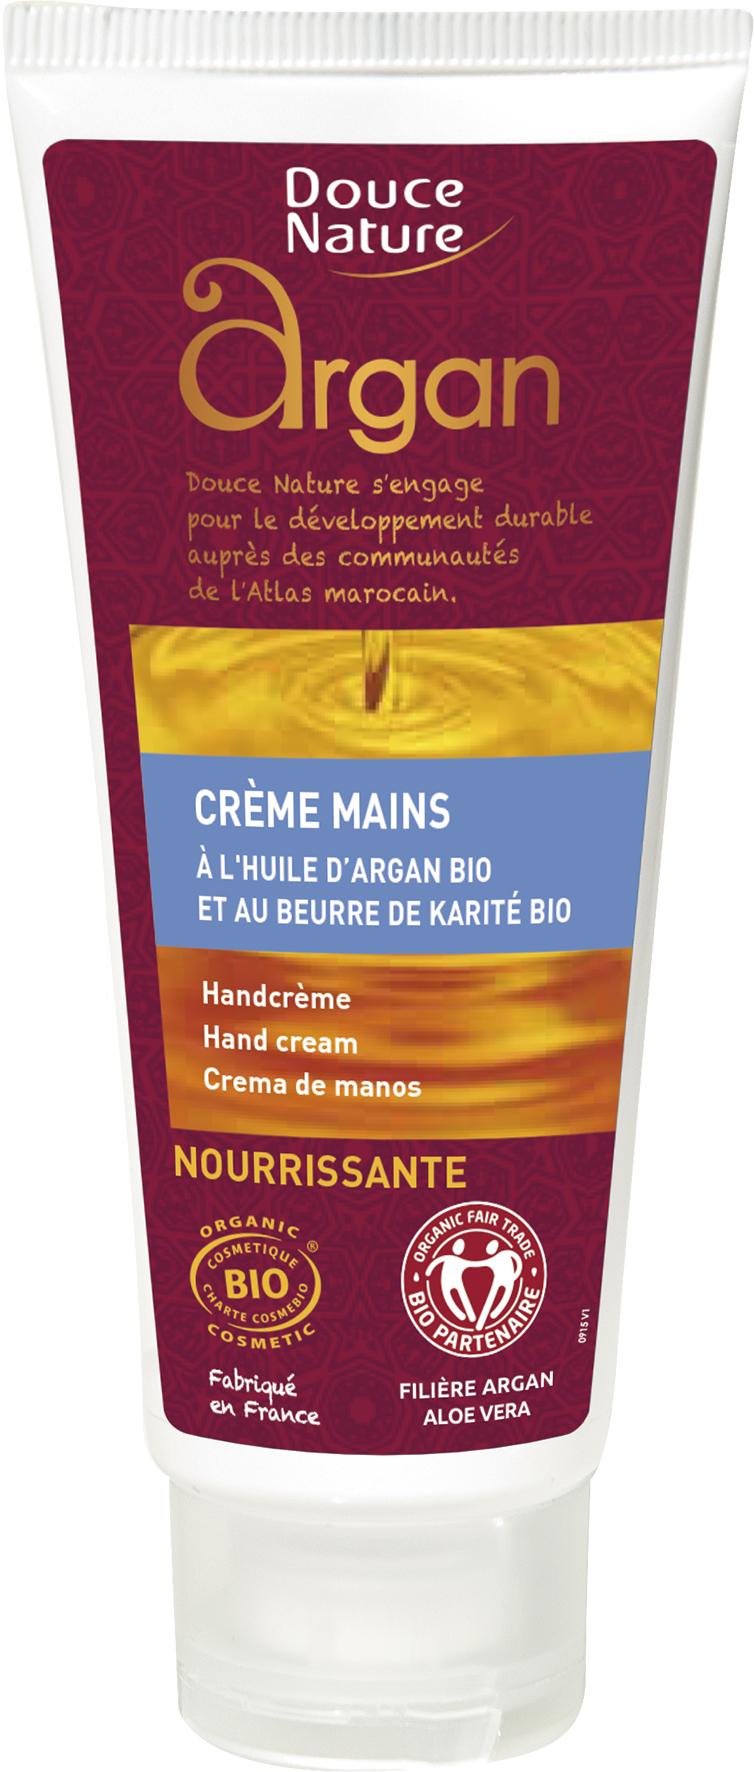 Crème pour les mains à l'huile d'argan, Douce Nature (60 ml)